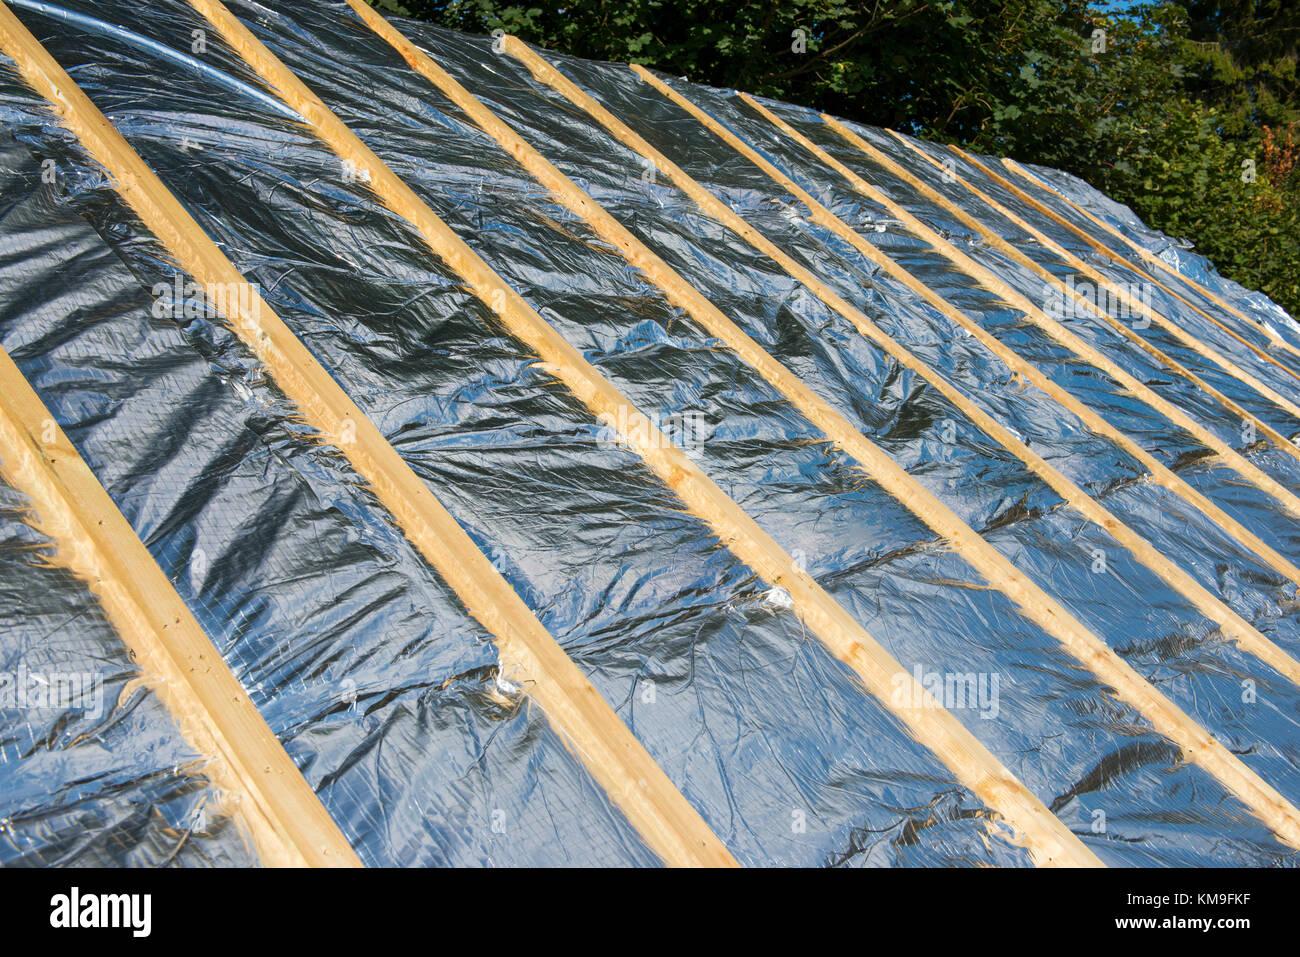 superfoil dachdämmung auf ein neues dach unter constructon stockfoto